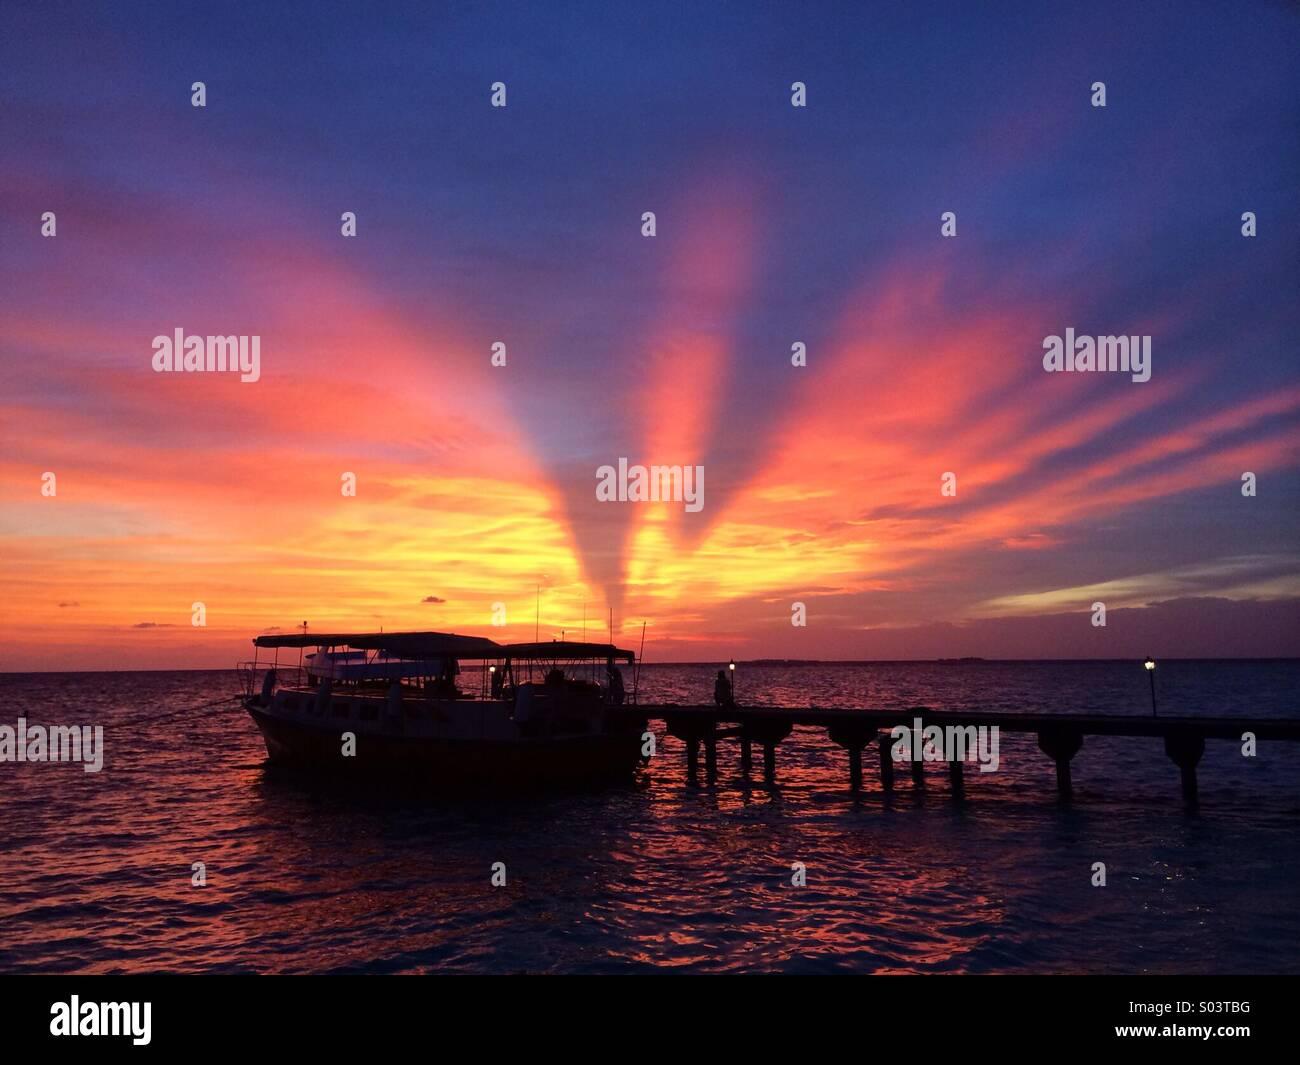 Maldivian sunset - Stock Image